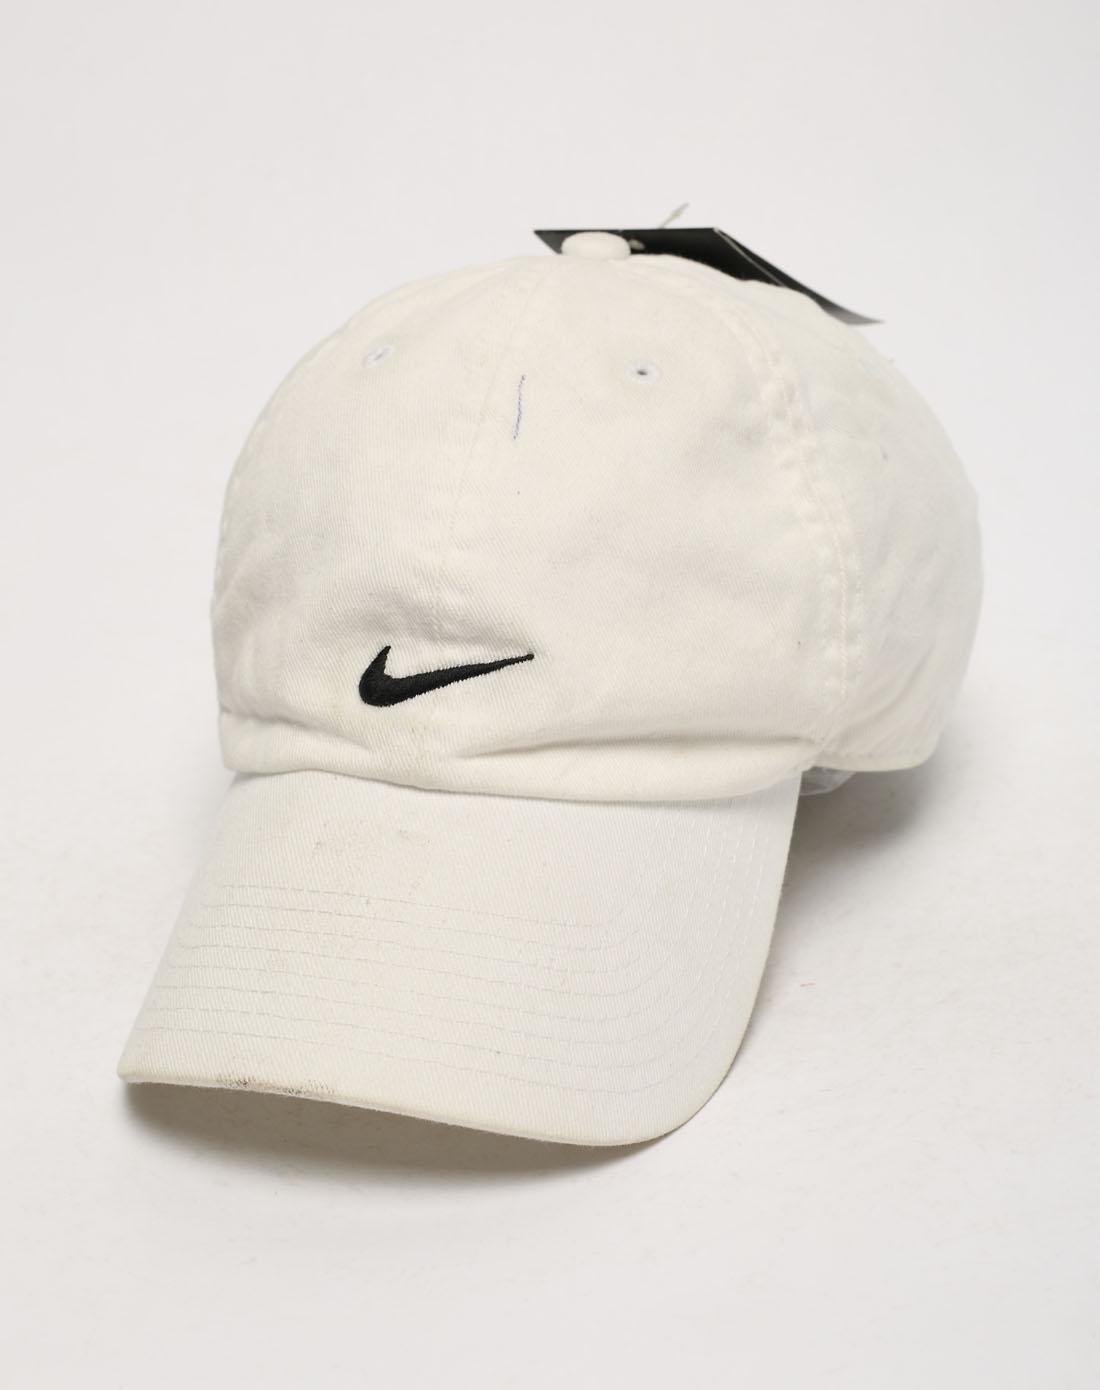 男子白色帽子